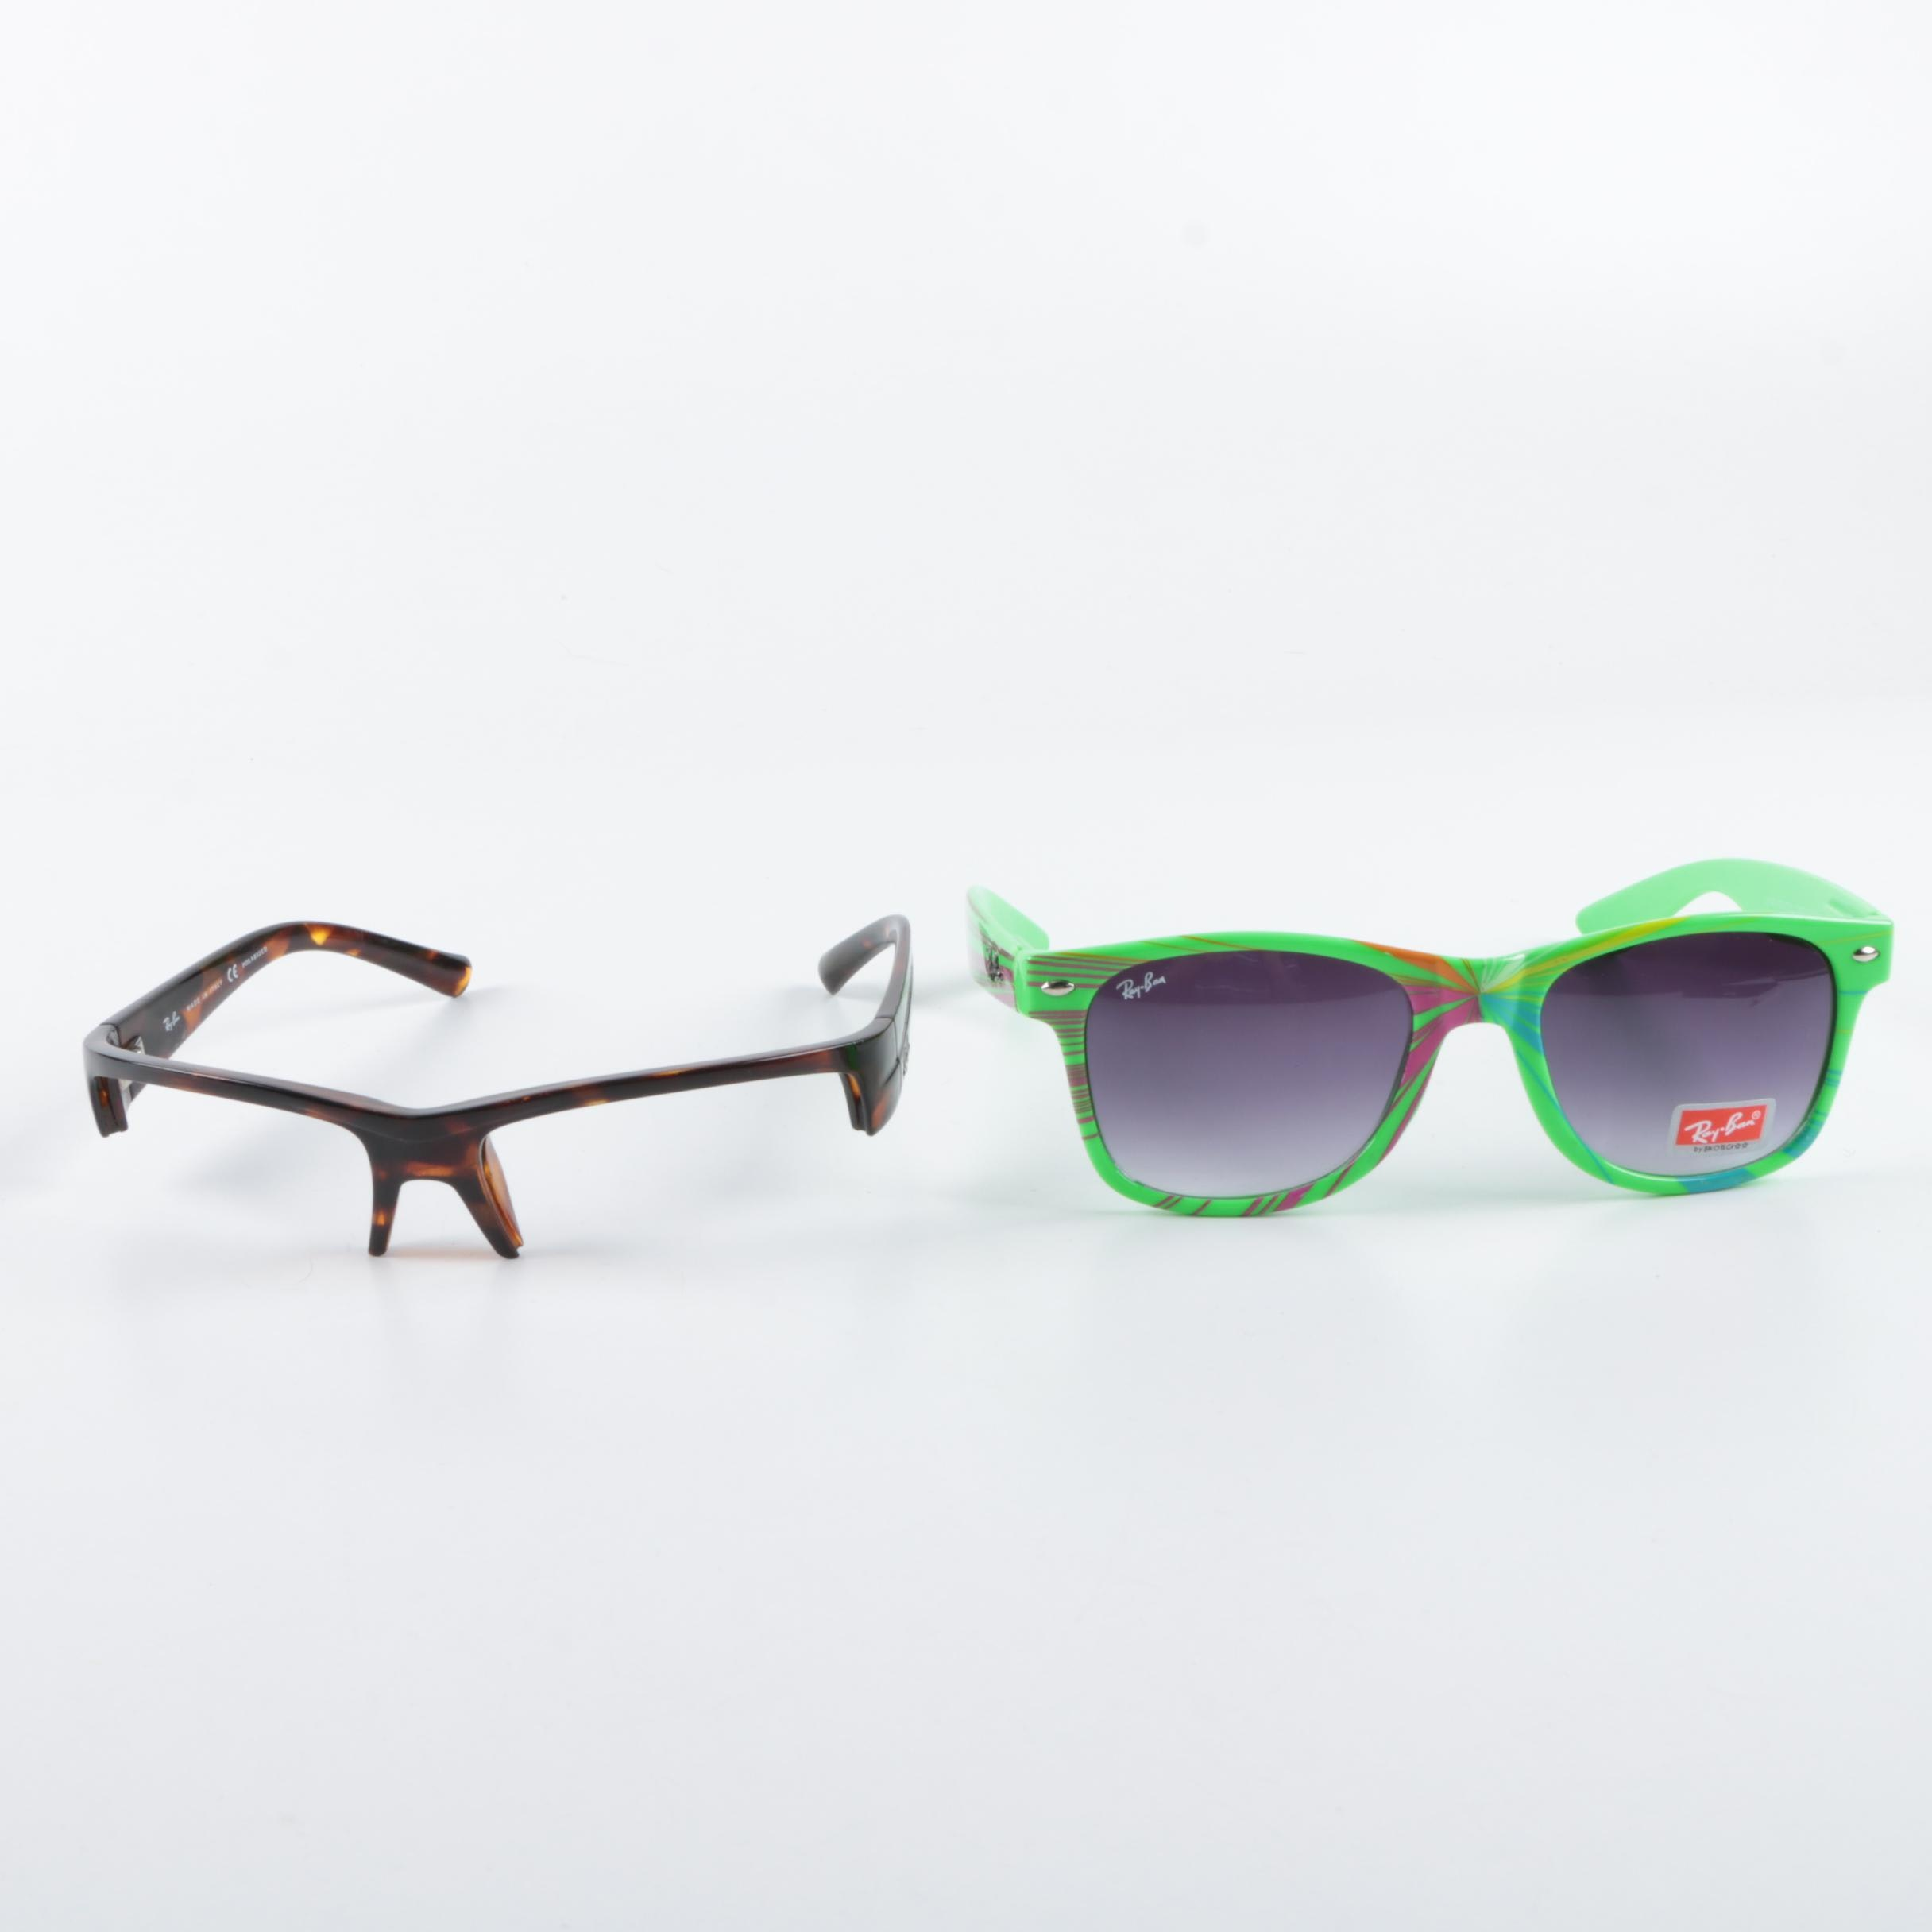 Ray-Ban Wayfarer Sunglasses and Frames